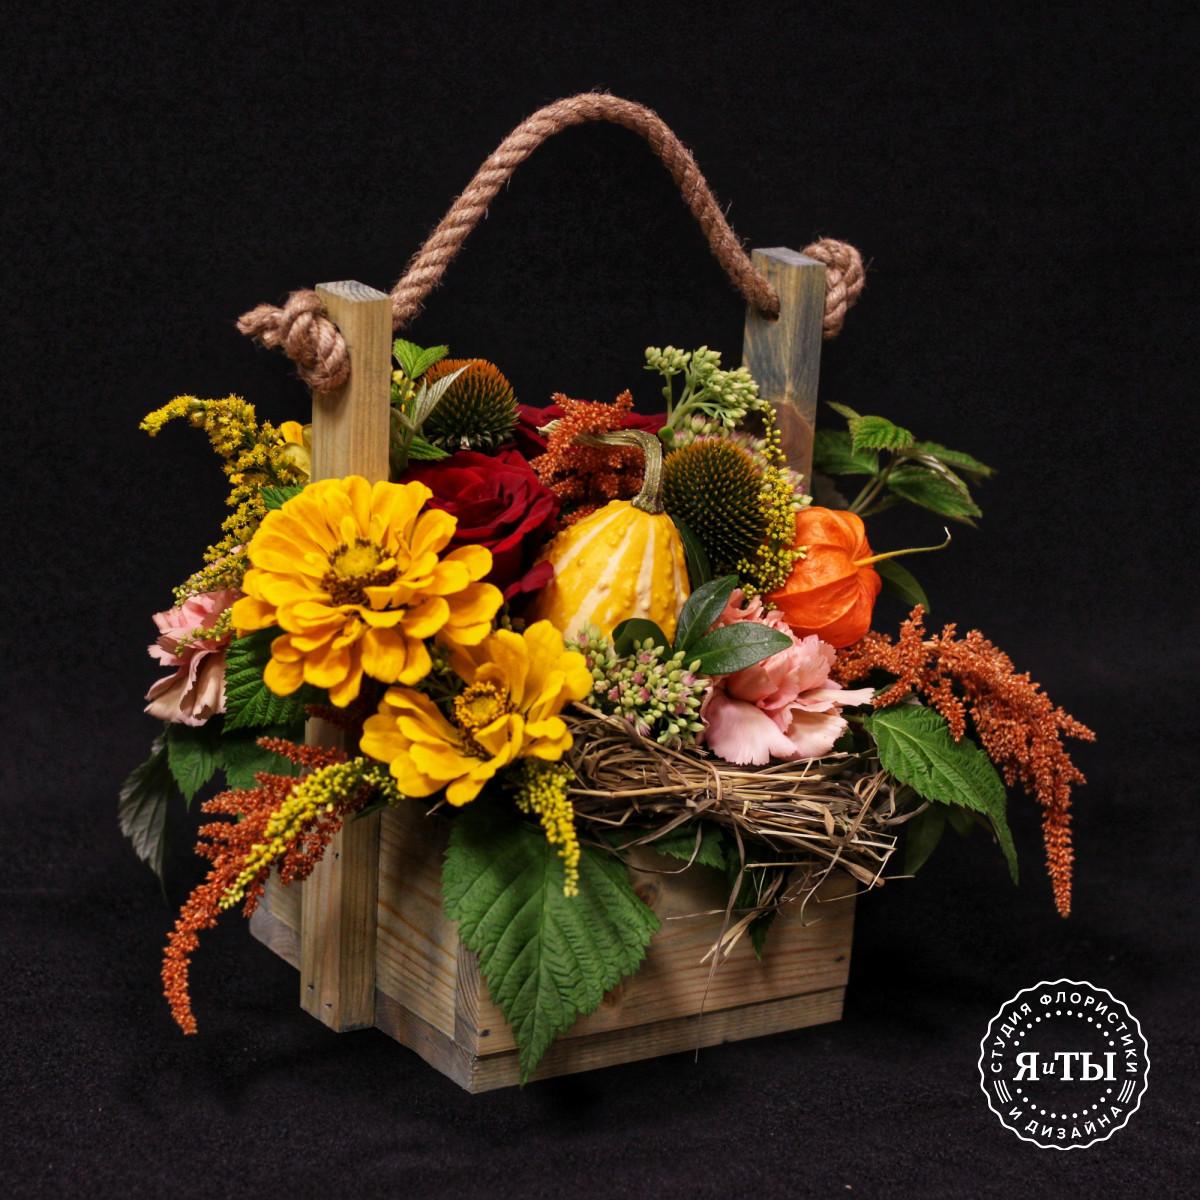 Осенняя композиция с тыквой в ящичке